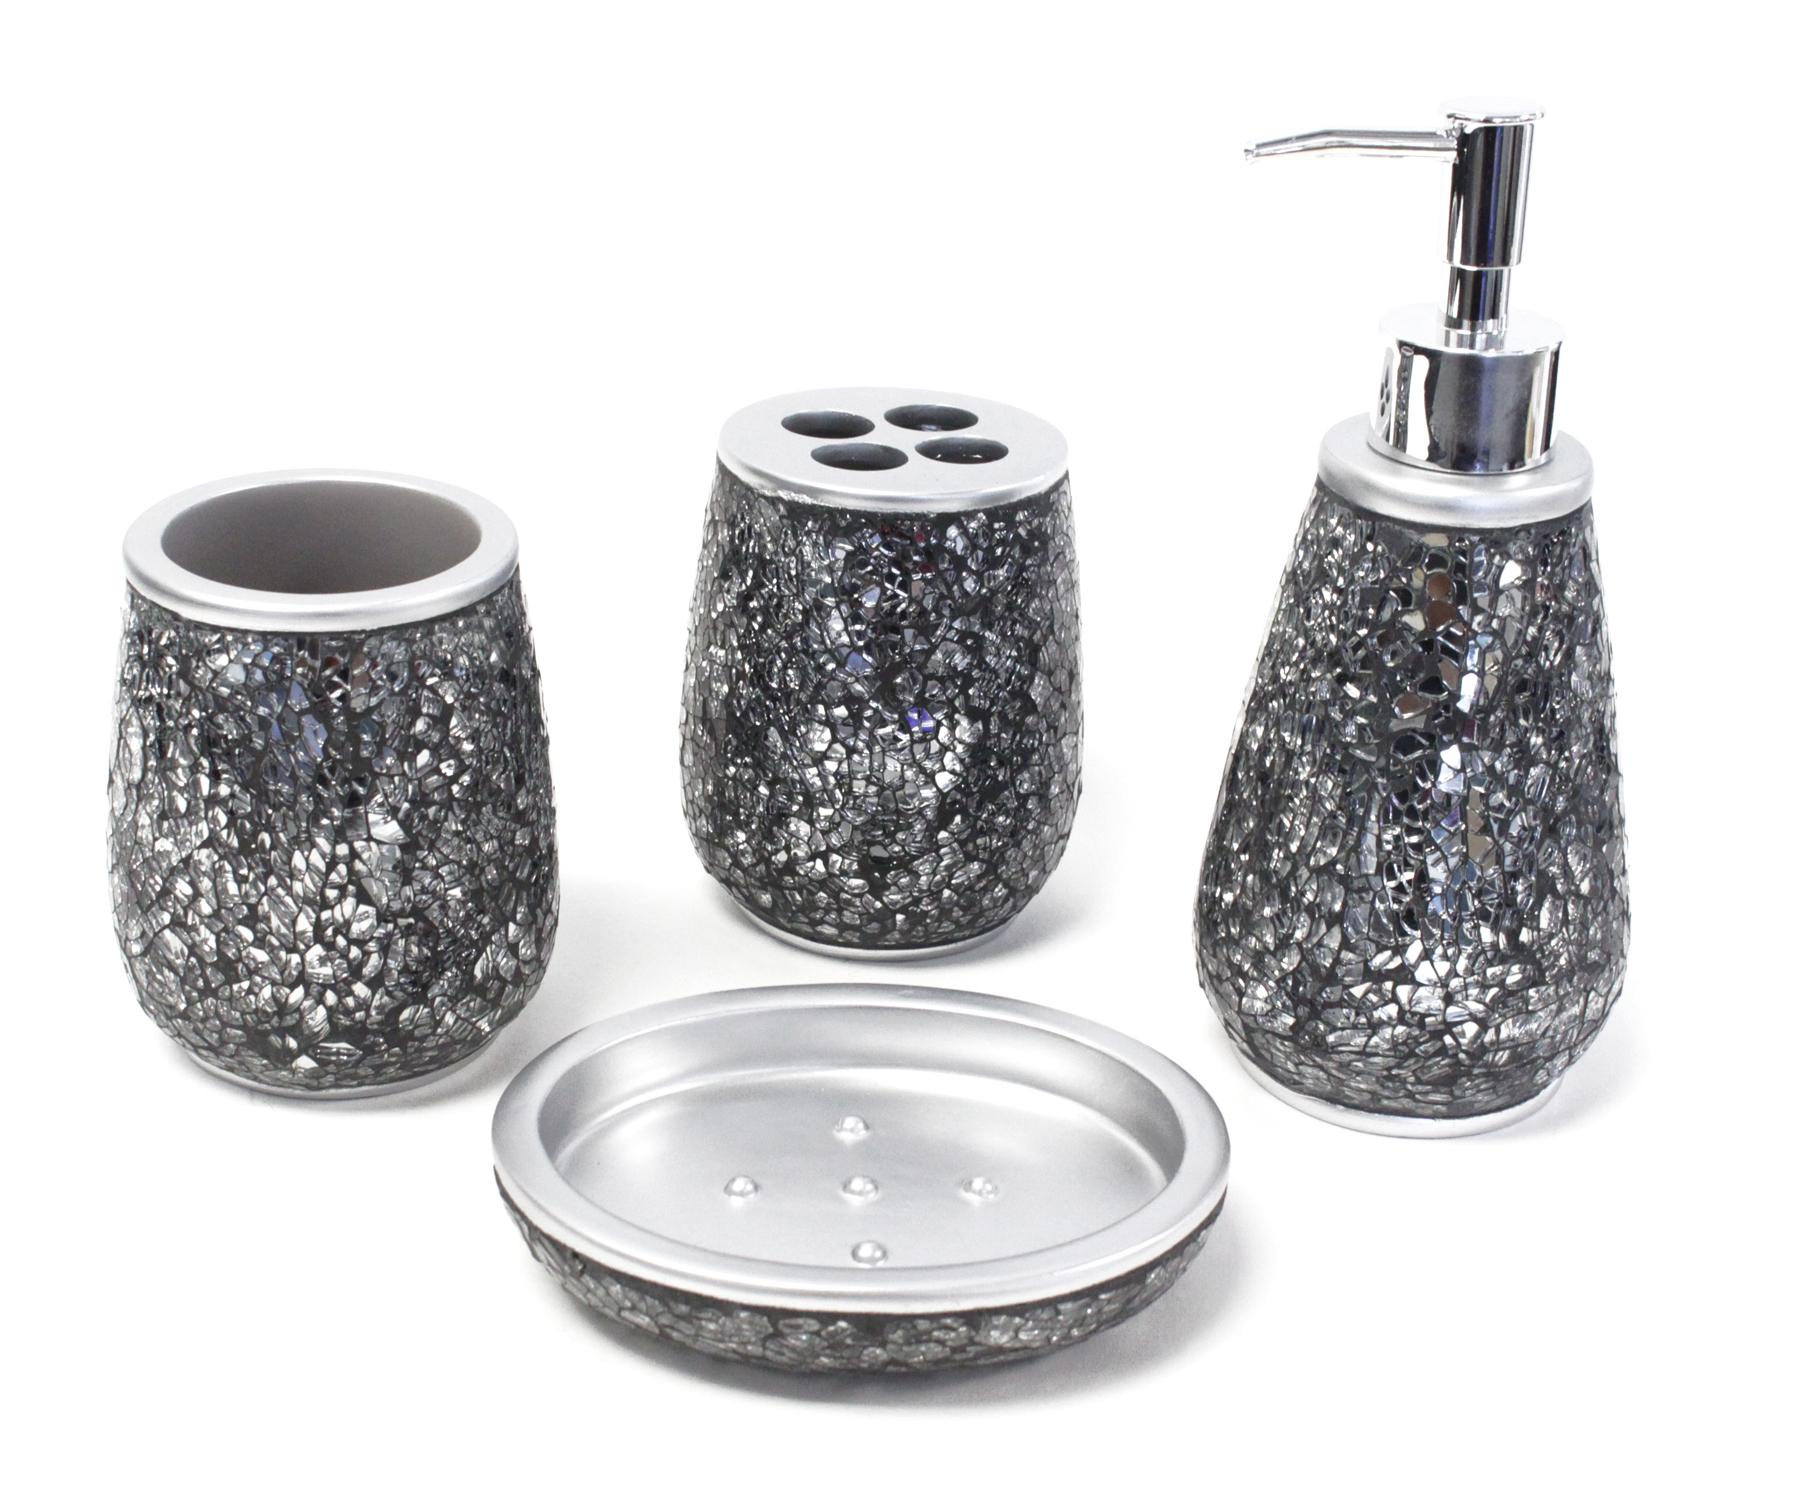 Moonlit ceramic embellished accessory set